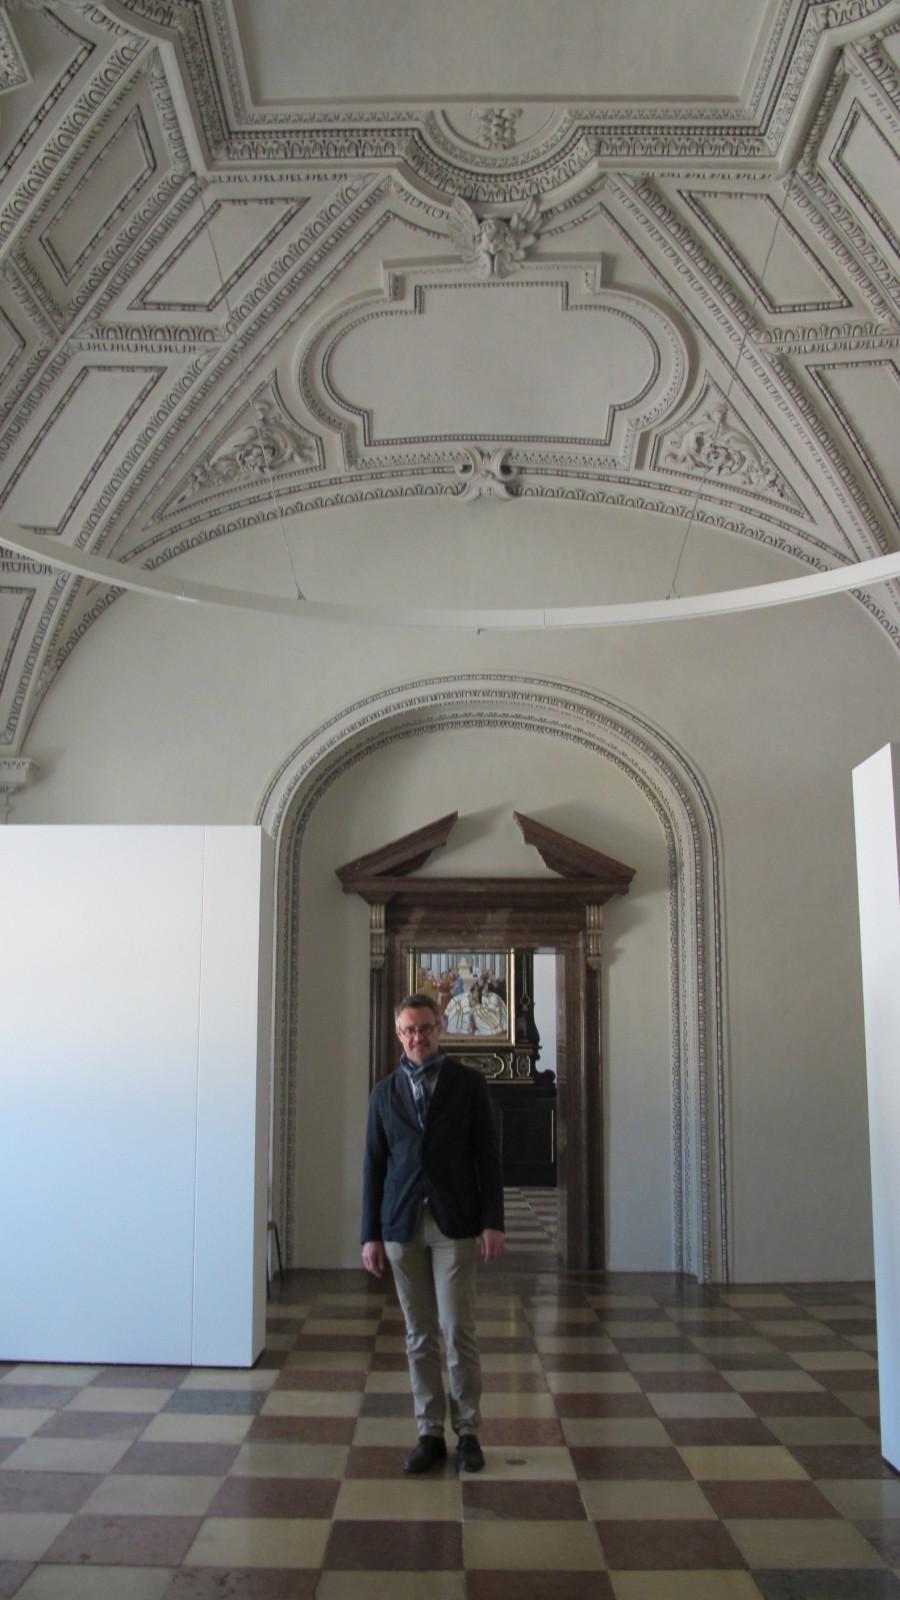 Das Nordoratorium kann dank DomQuartier und Umbauarbeiten nun ganzjährig als Ausstellungsraum dienen